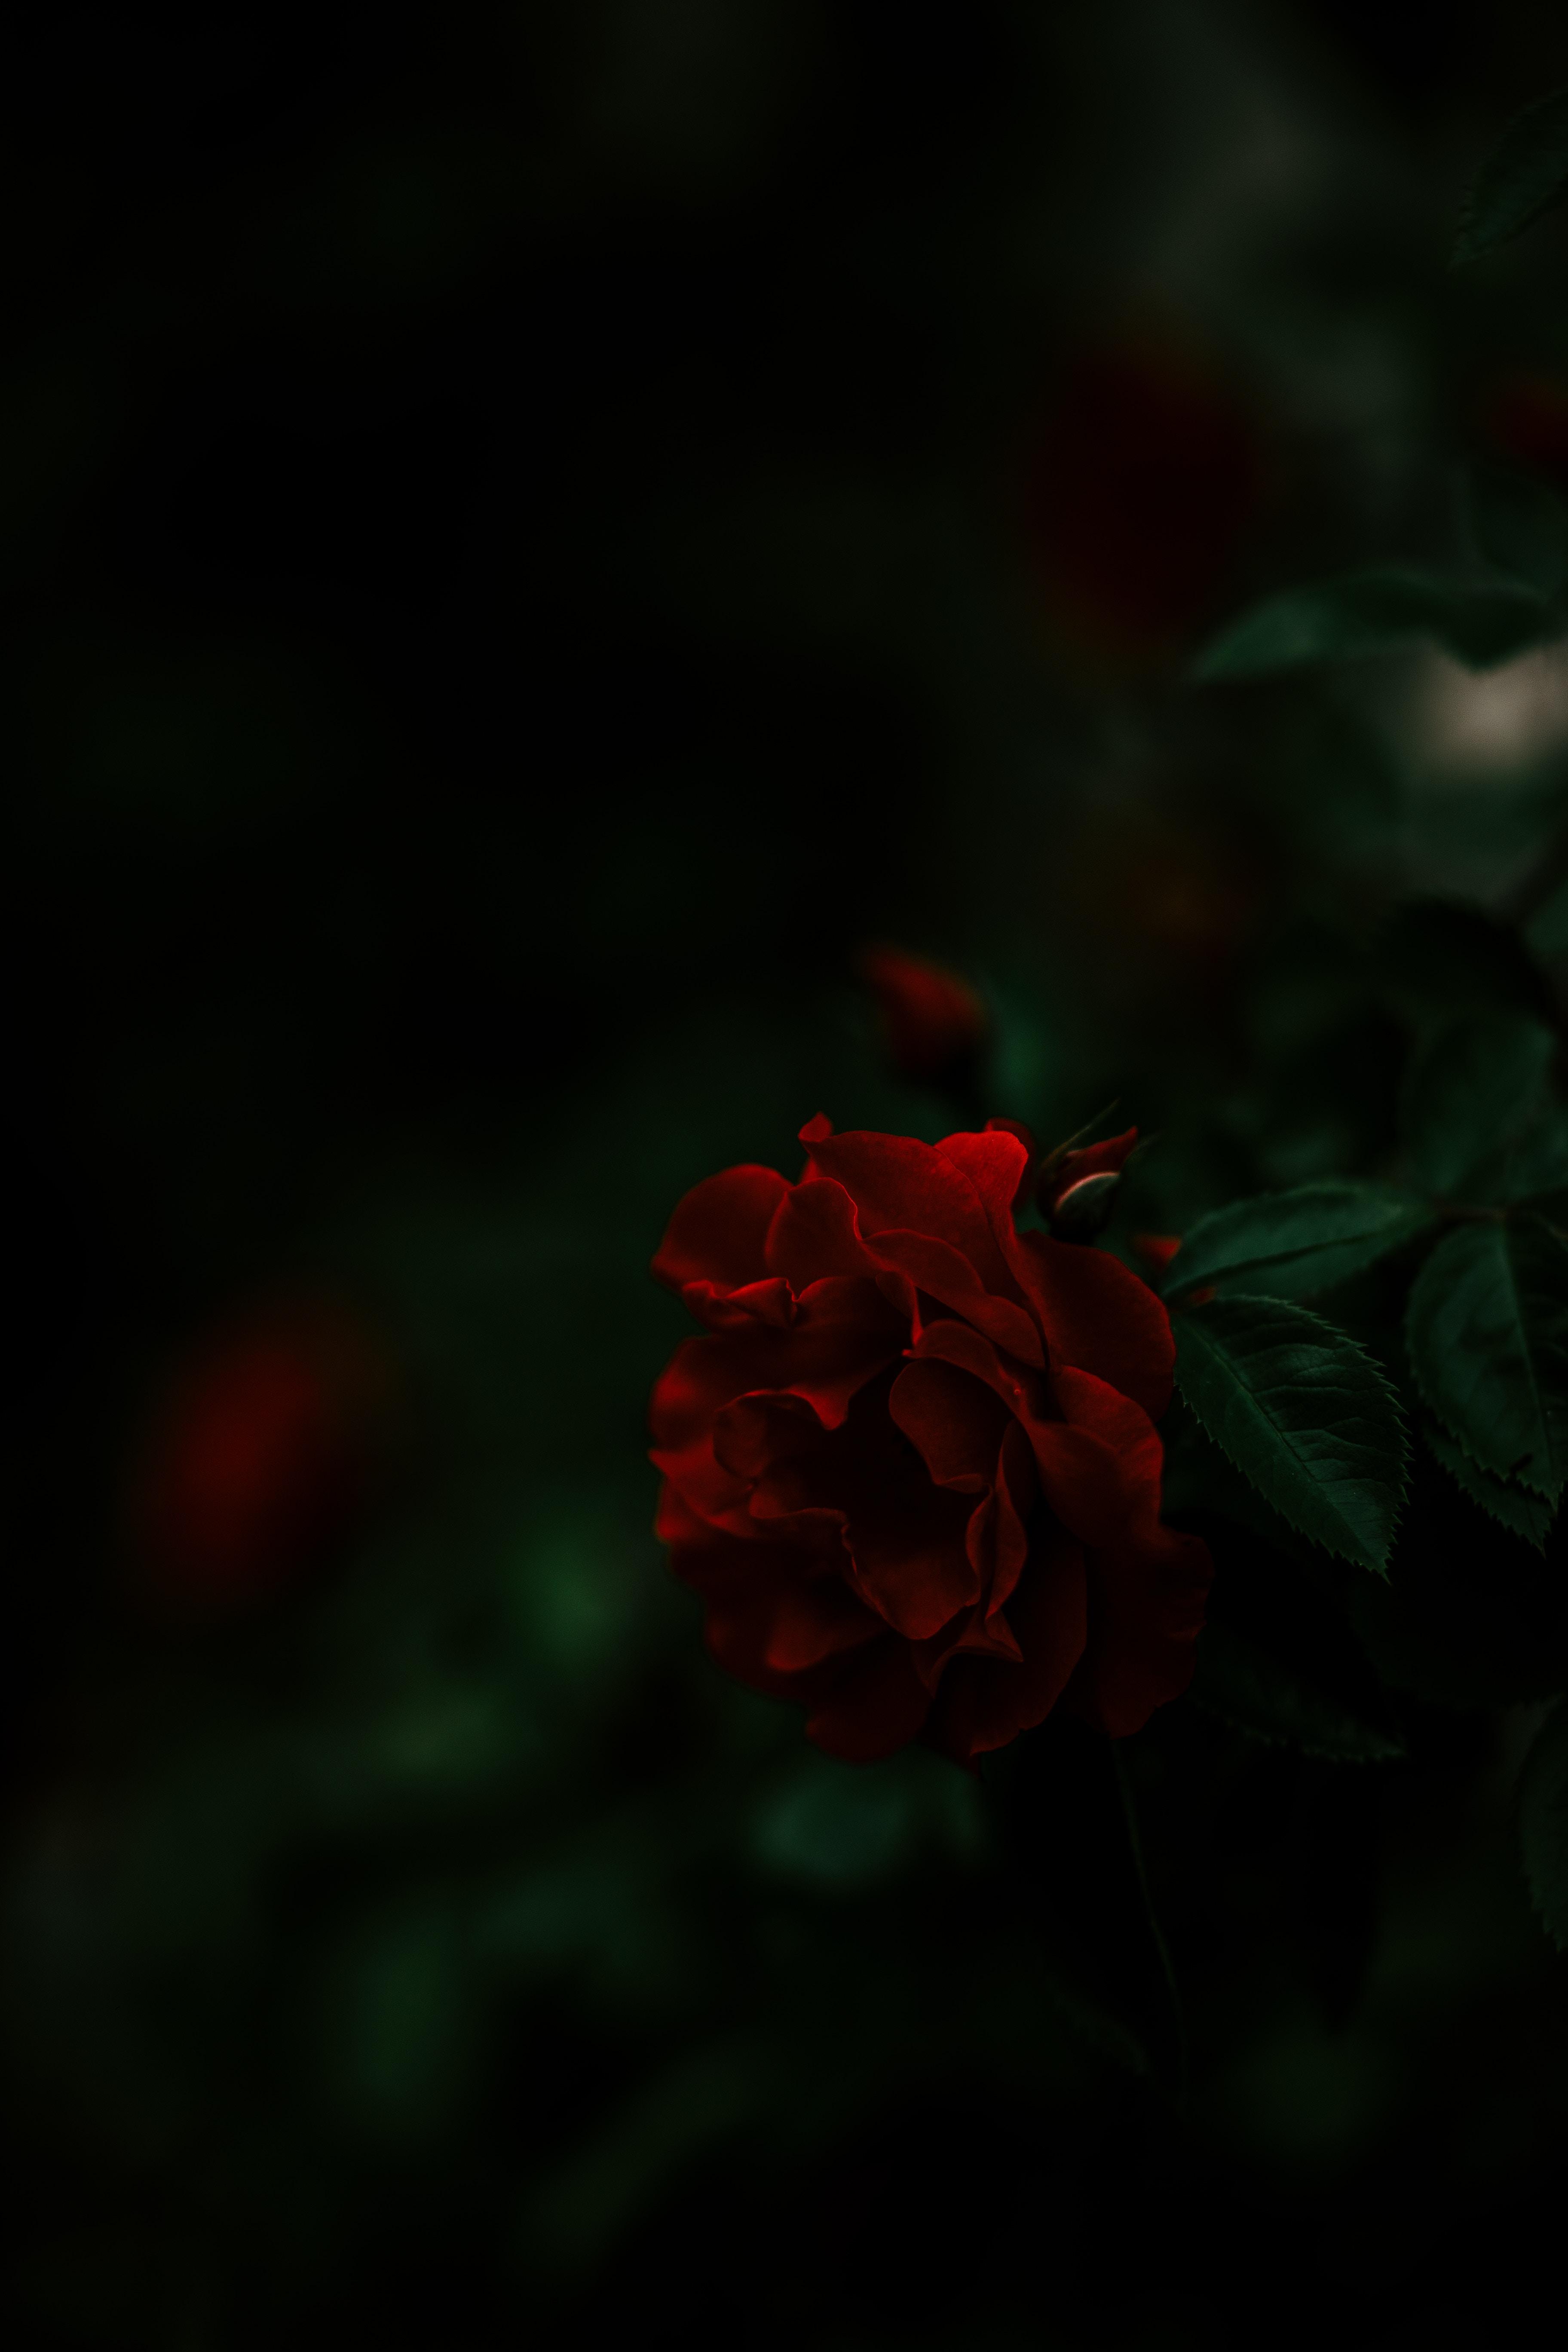 69218 обои 540x960 на телефон бесплатно, скачать картинки Темные, Роза, Красный, Темный, Куст 540x960 на мобильный